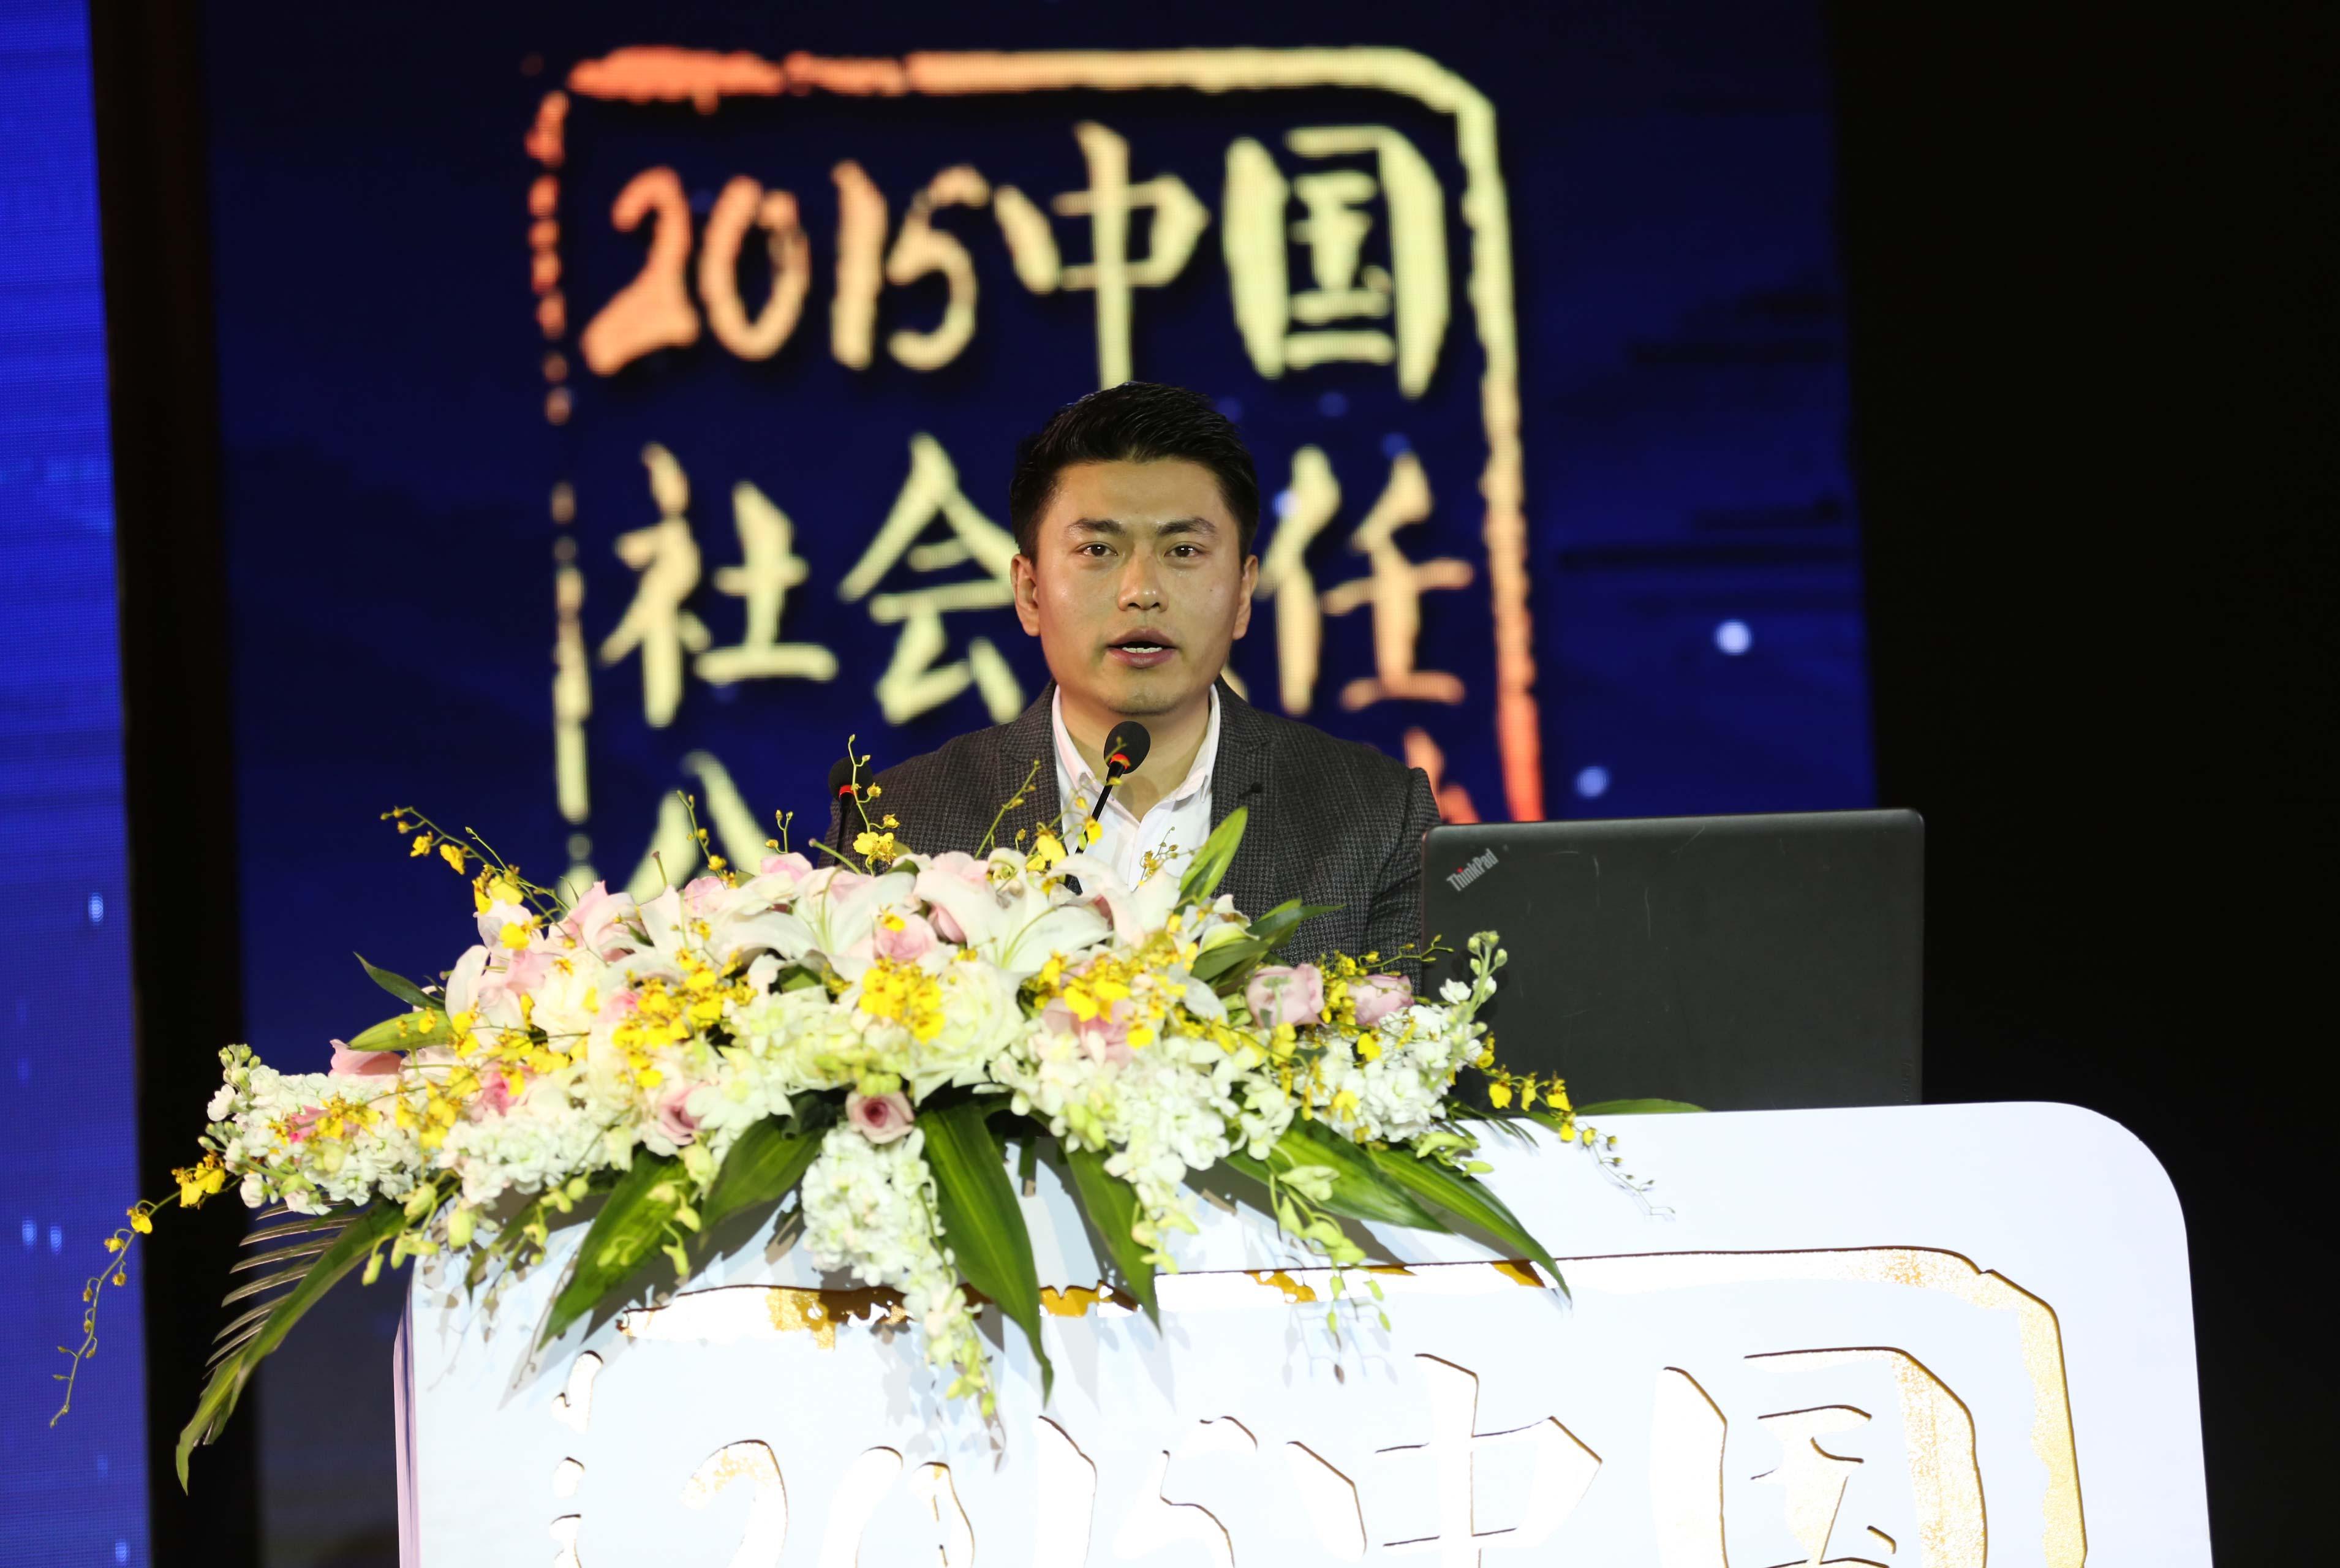 北大青鳥音樂集團副總裁王騫發表演講